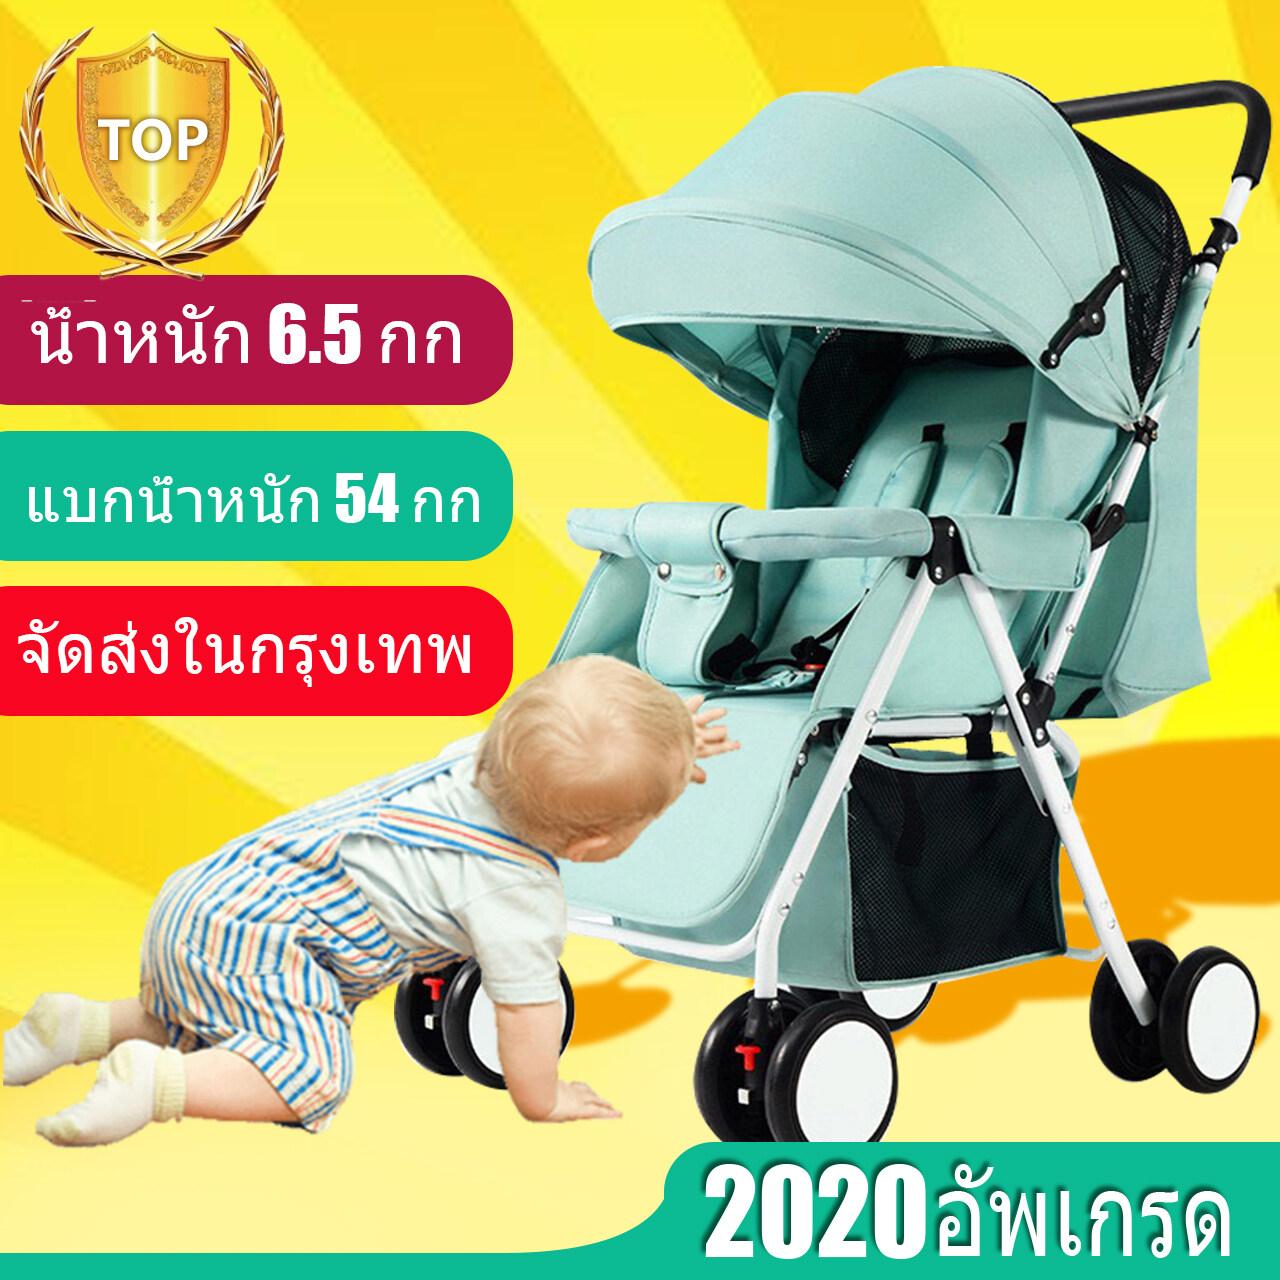 Baby carriageรถเข็นเด็กทารกสามารถพับเก็บได้นั่ง นอนเท่านั้น น้ำหนักเบามีมุ้งแถมให้ในตัวและกันแดดที่ปรับได้ถึง3ระดับ รถสี่หล้อสำหรับเด็กทารกแรกเกิด